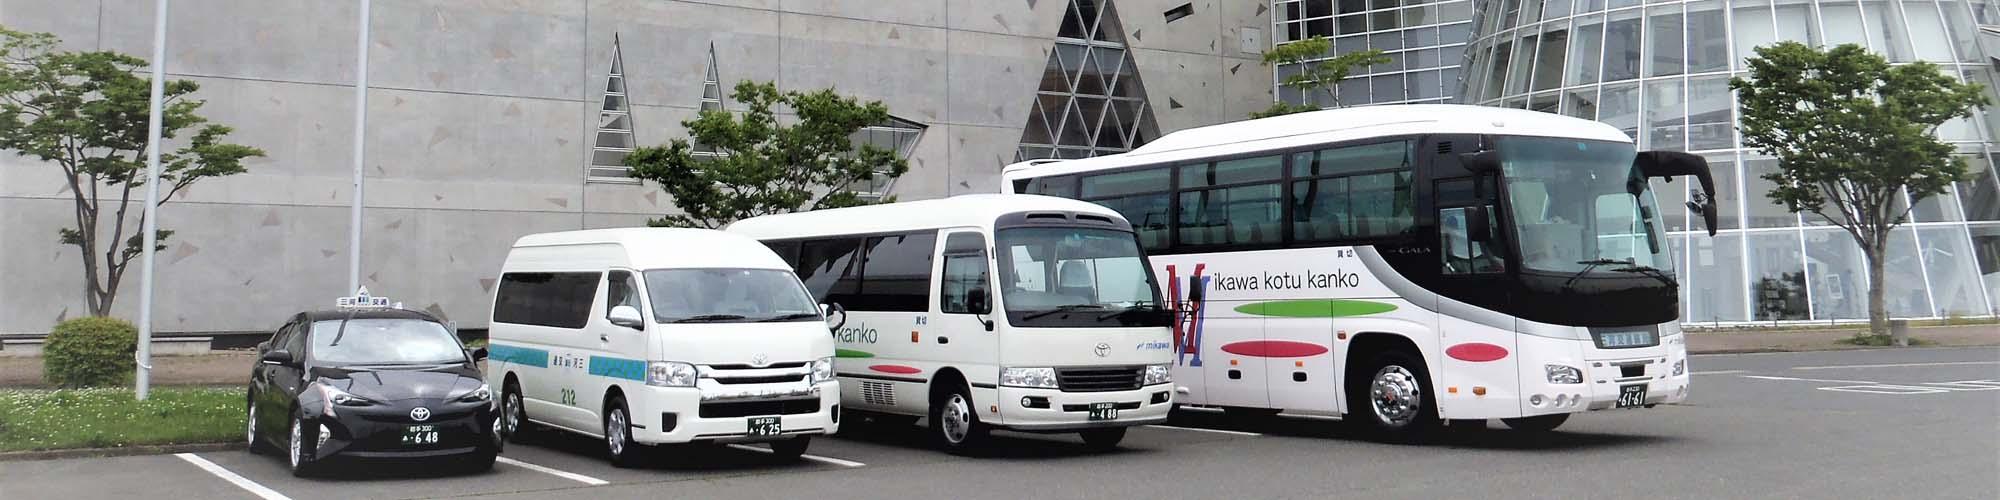 三河交通観光ホームページメイン画像